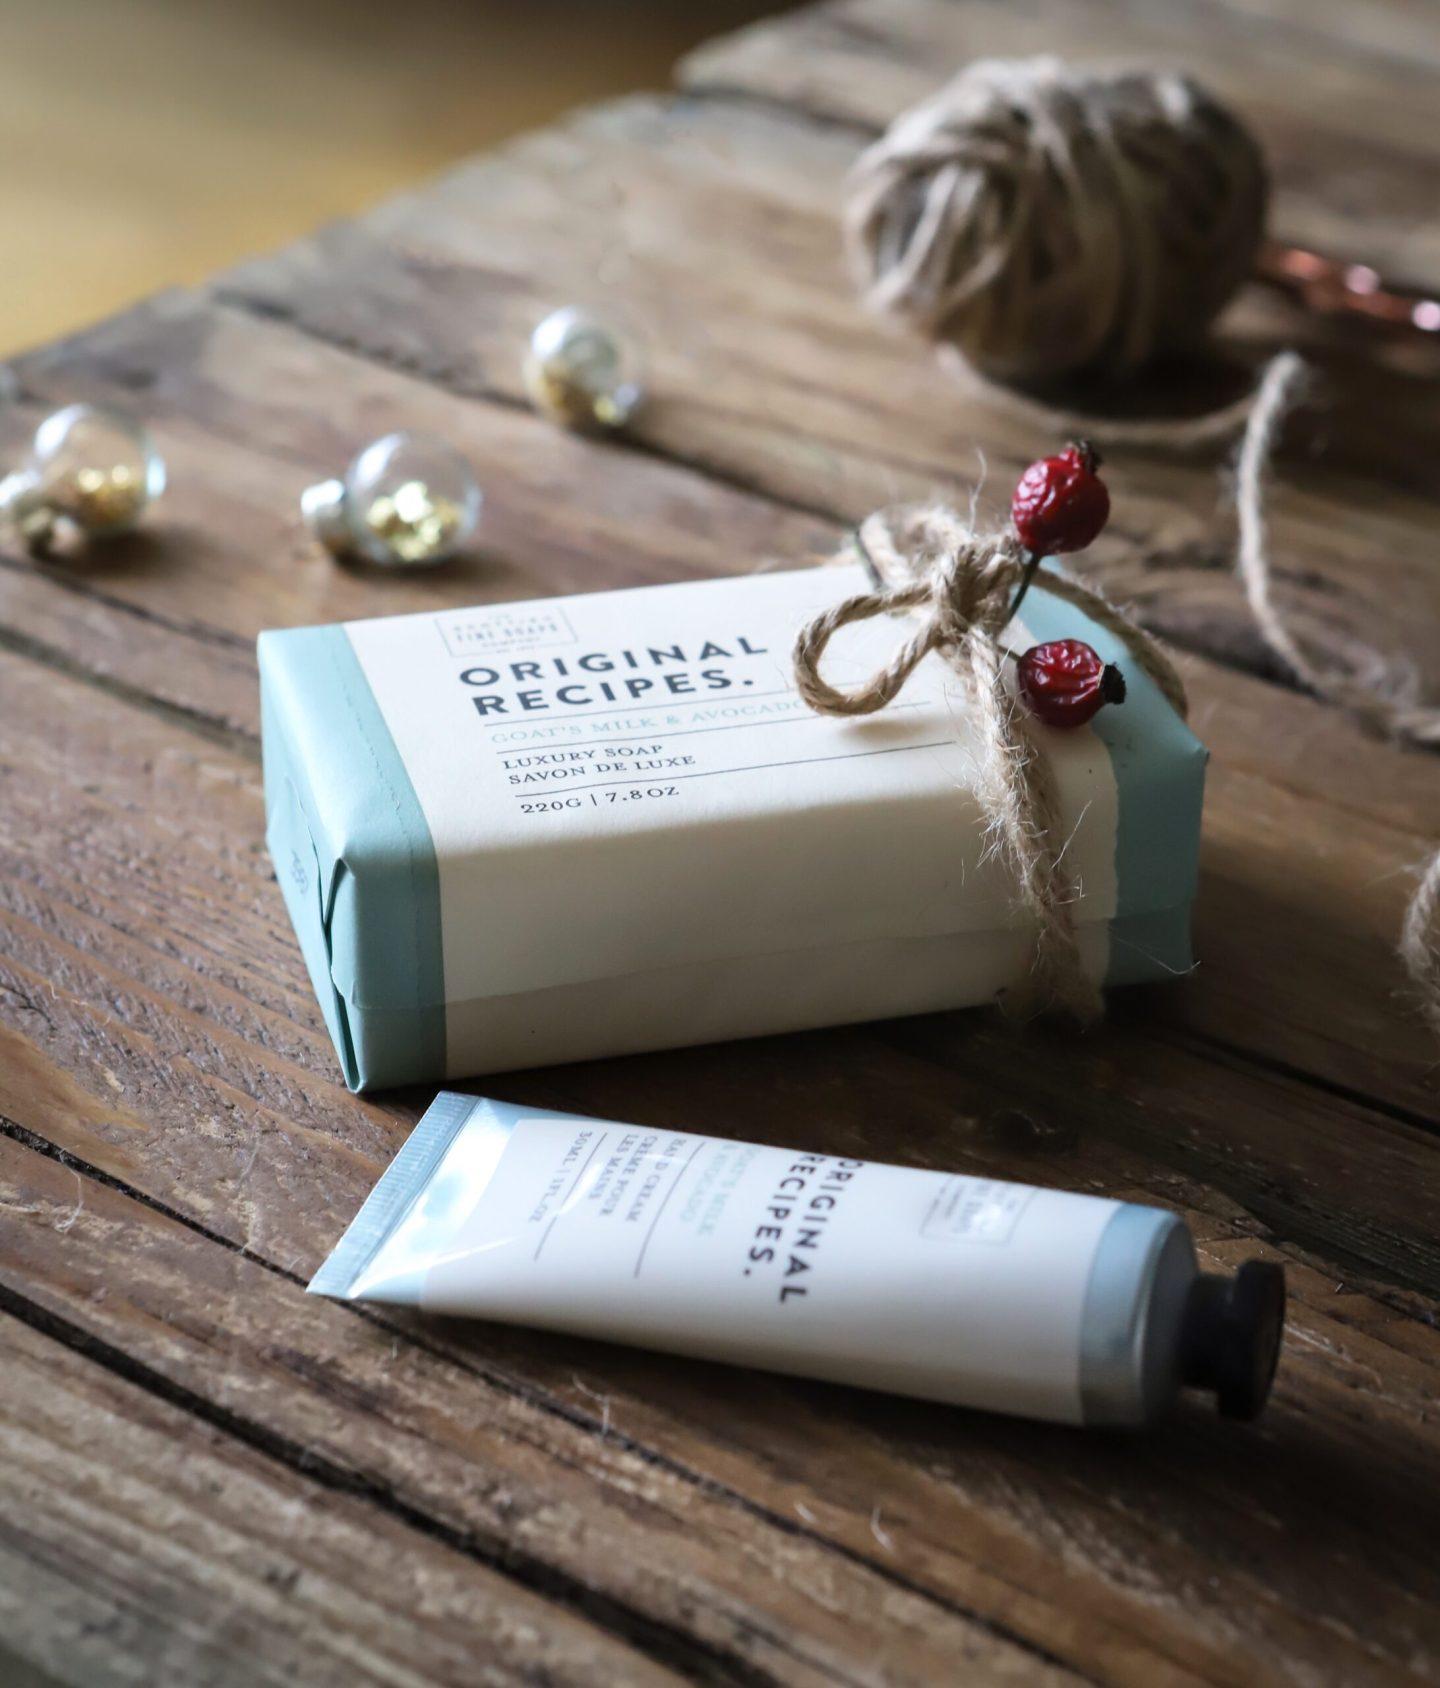 The Scottish Fine Soaps Company gift ideas